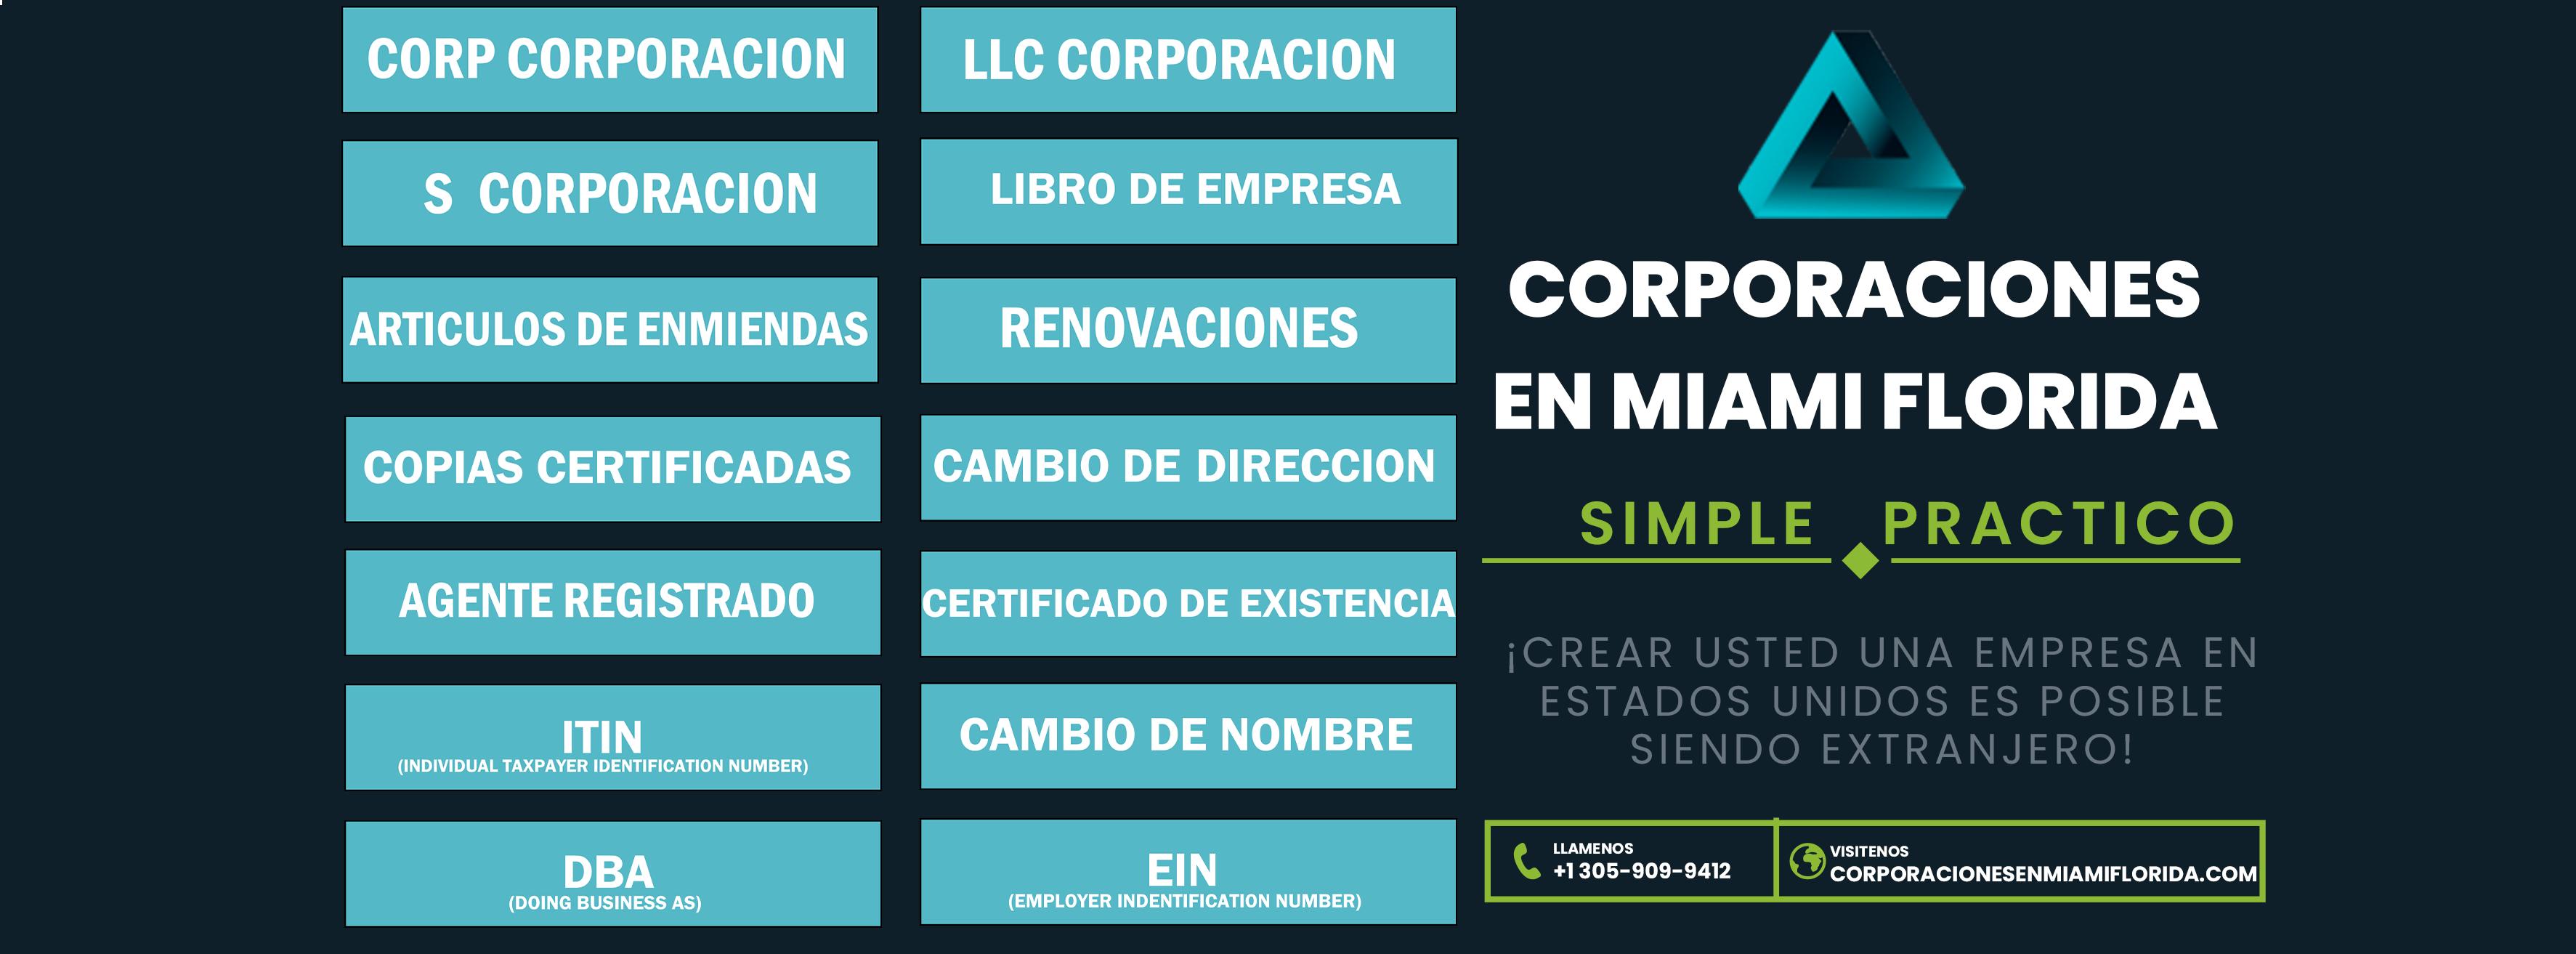 Usted quiere hacer su corporación en la florida?, simple fácil y en 4 pasos, ITIN - EIN - DBA -